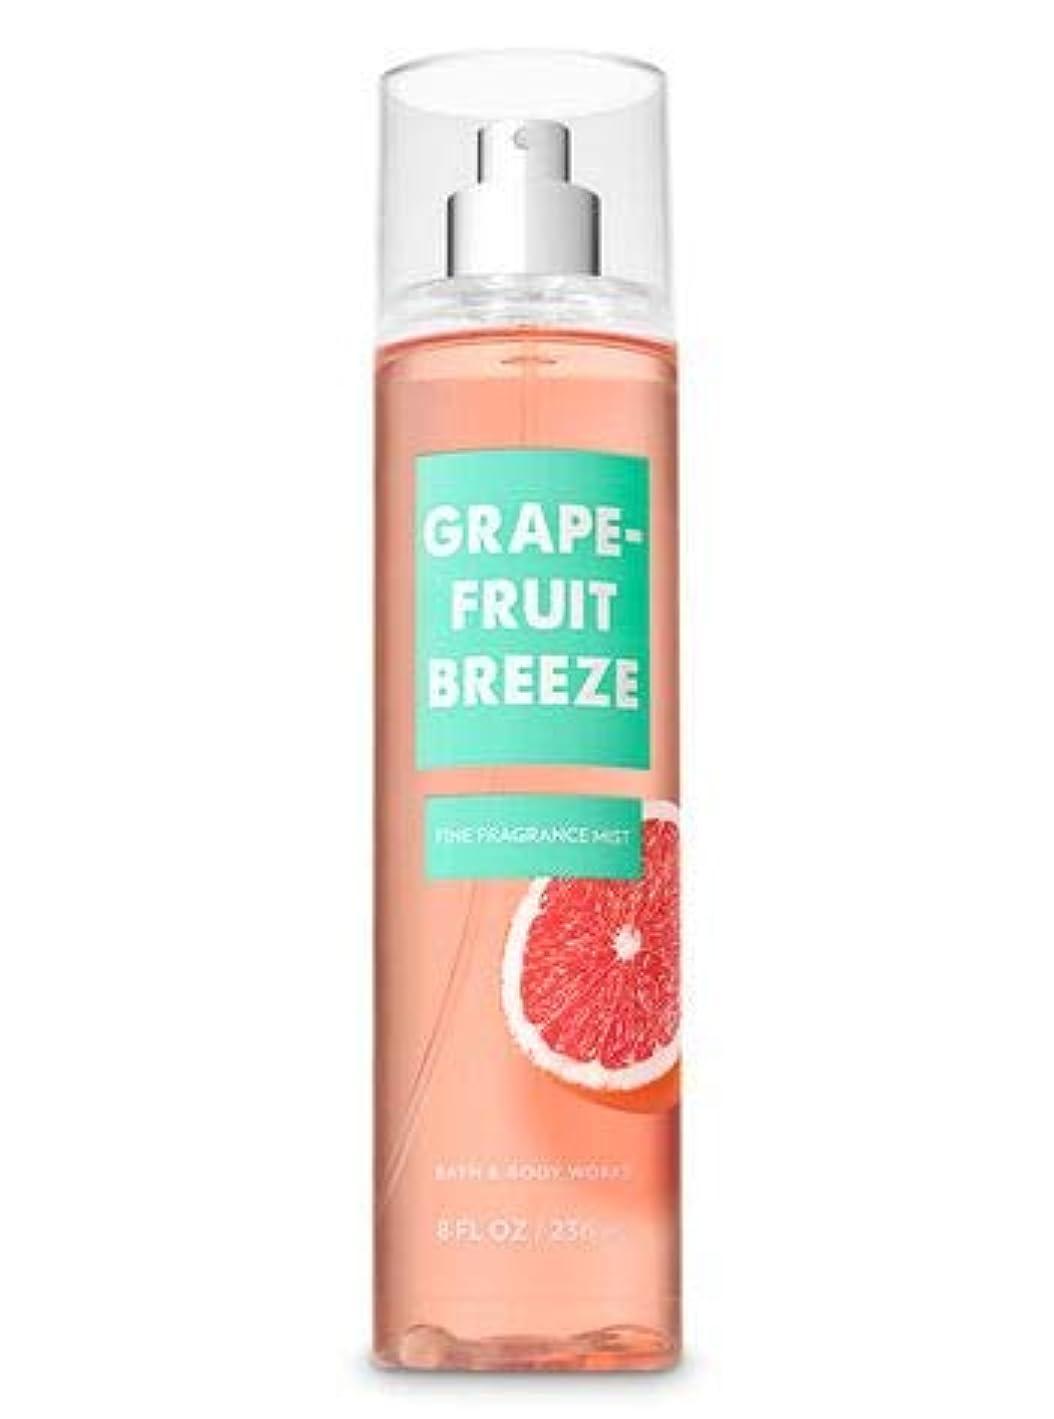 扇動苛性予知【Bath&Body Works/バス&ボディワークス】 ファインフレグランスミスト グレープフルーツブリーズ Fine Fragrance Mist Grapefruit Breeze 8oz (236ml) [並行輸入品]